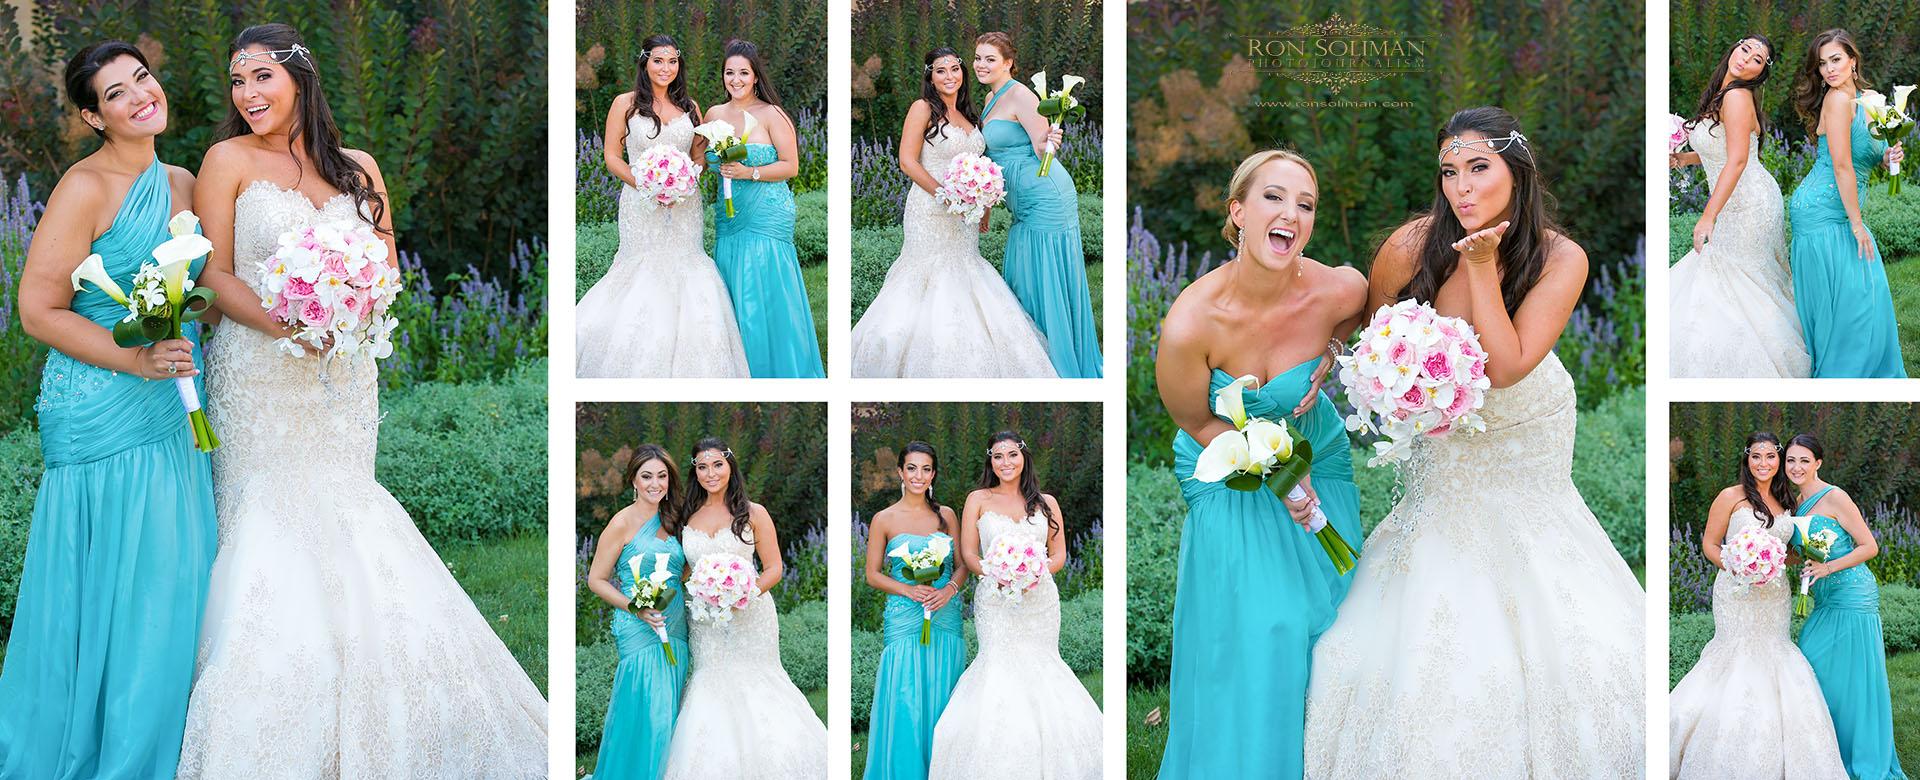 funny bridesmaids photos